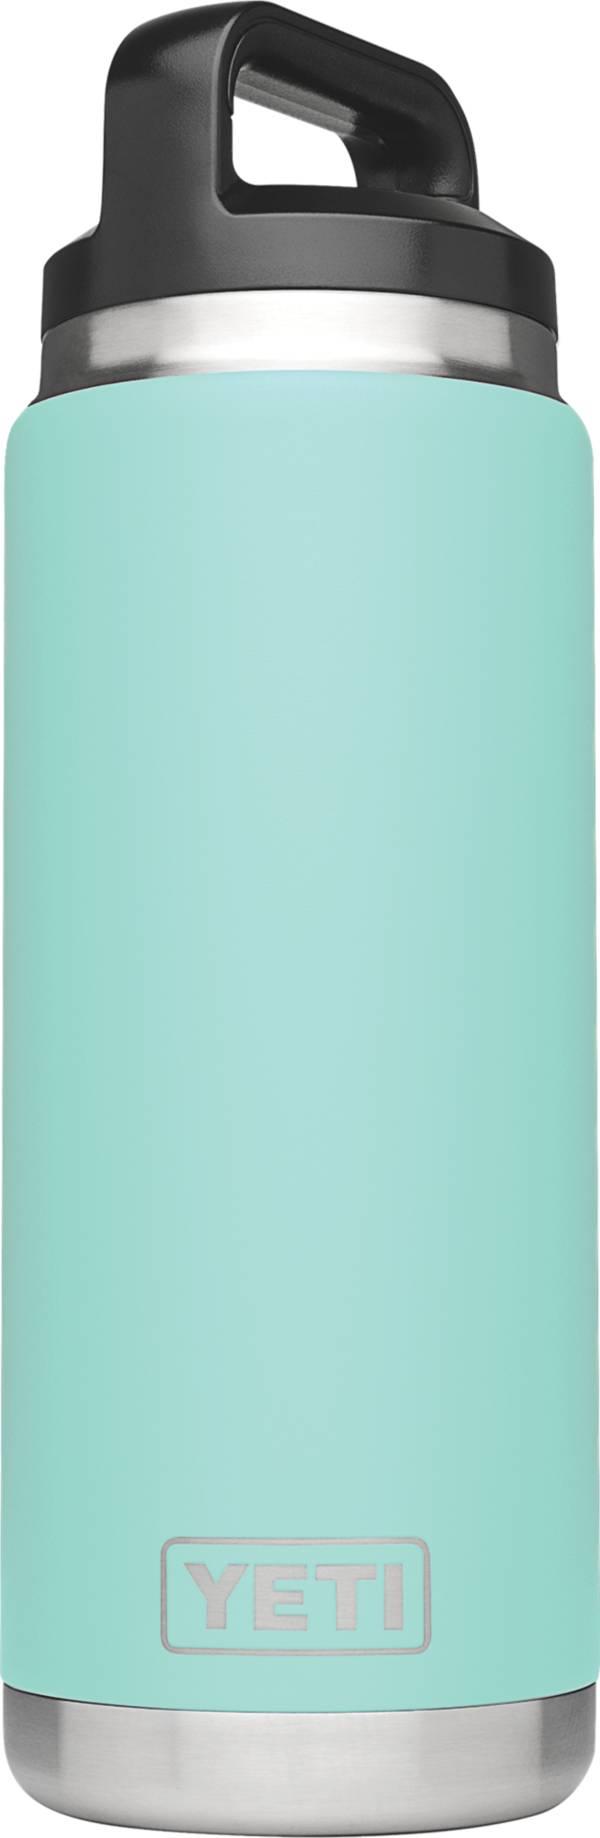 YETI 26 oz. Rambler Bottle product image